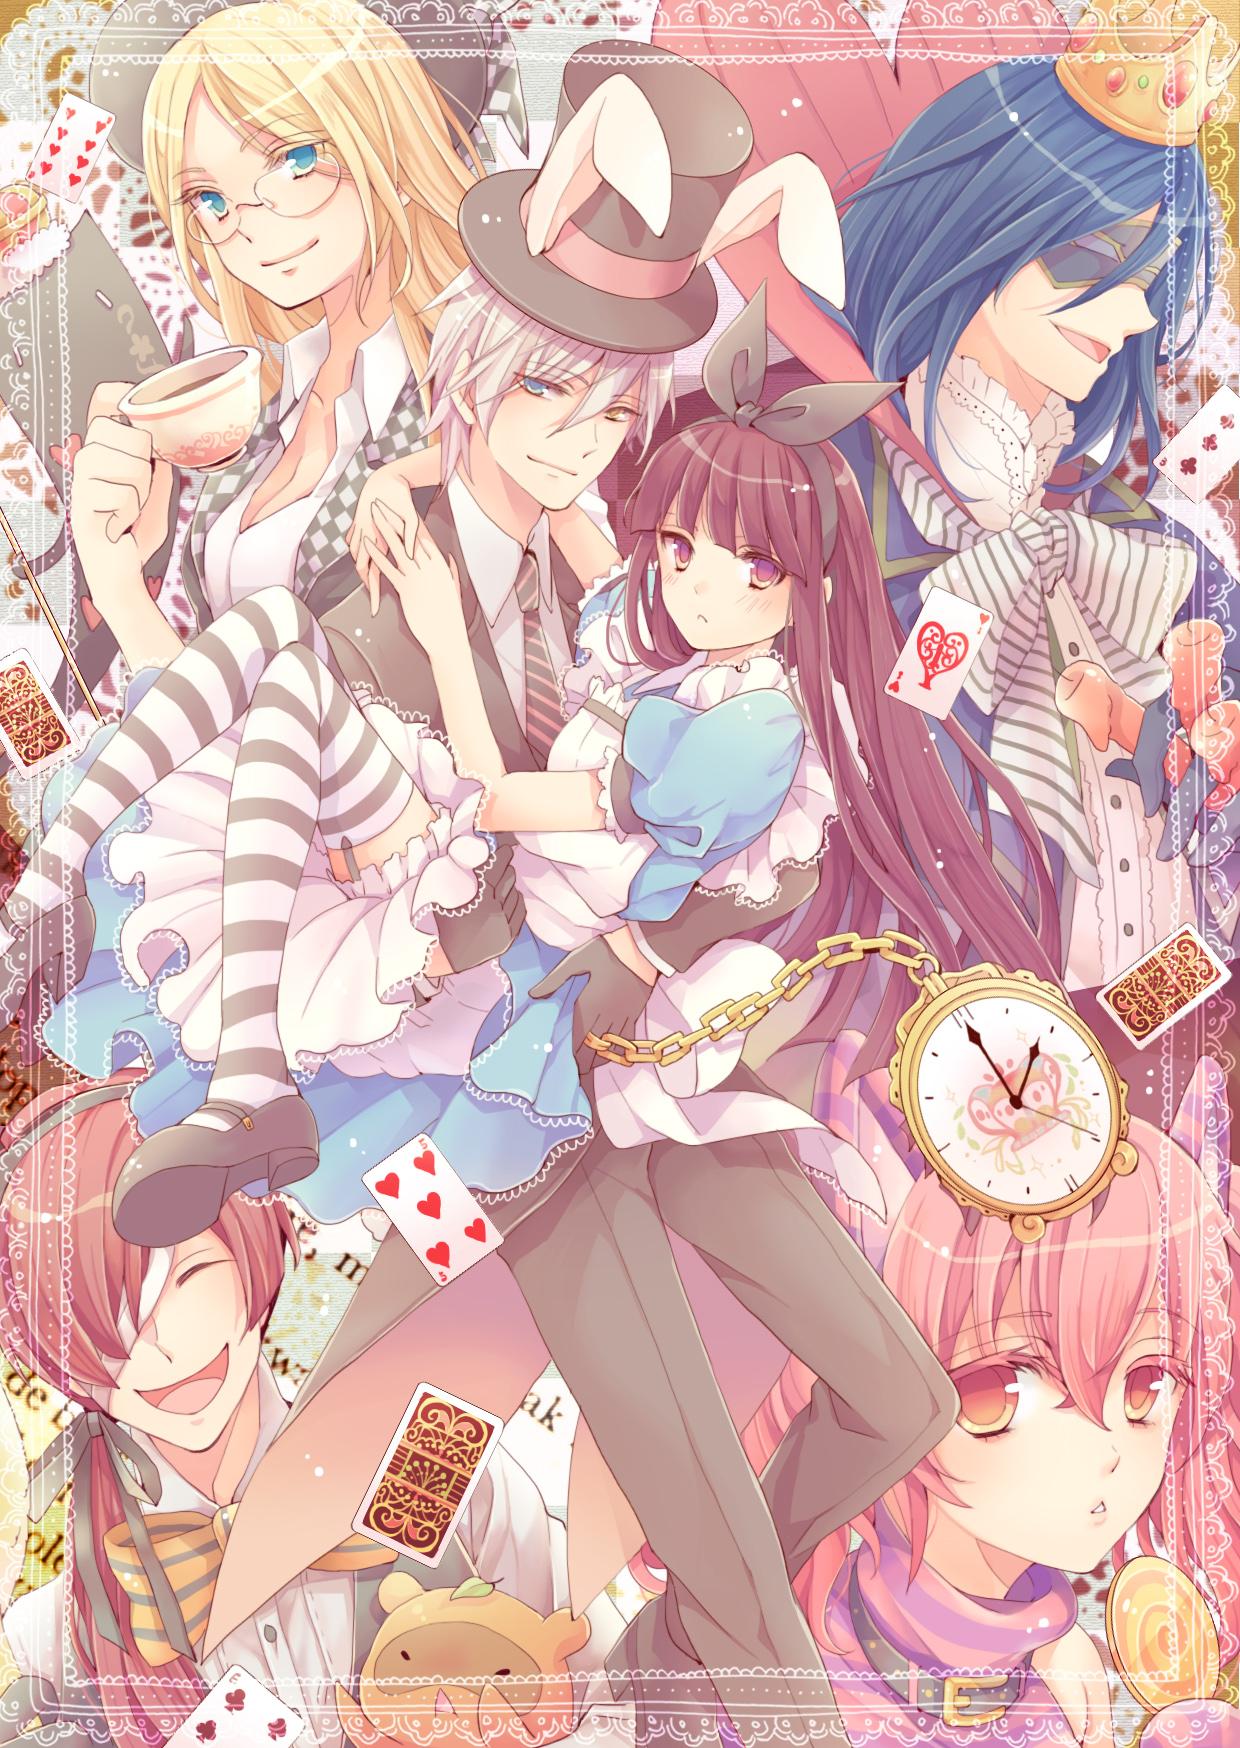 Inu x Boku SS Image #872276 - Zerochan Anime Image Board